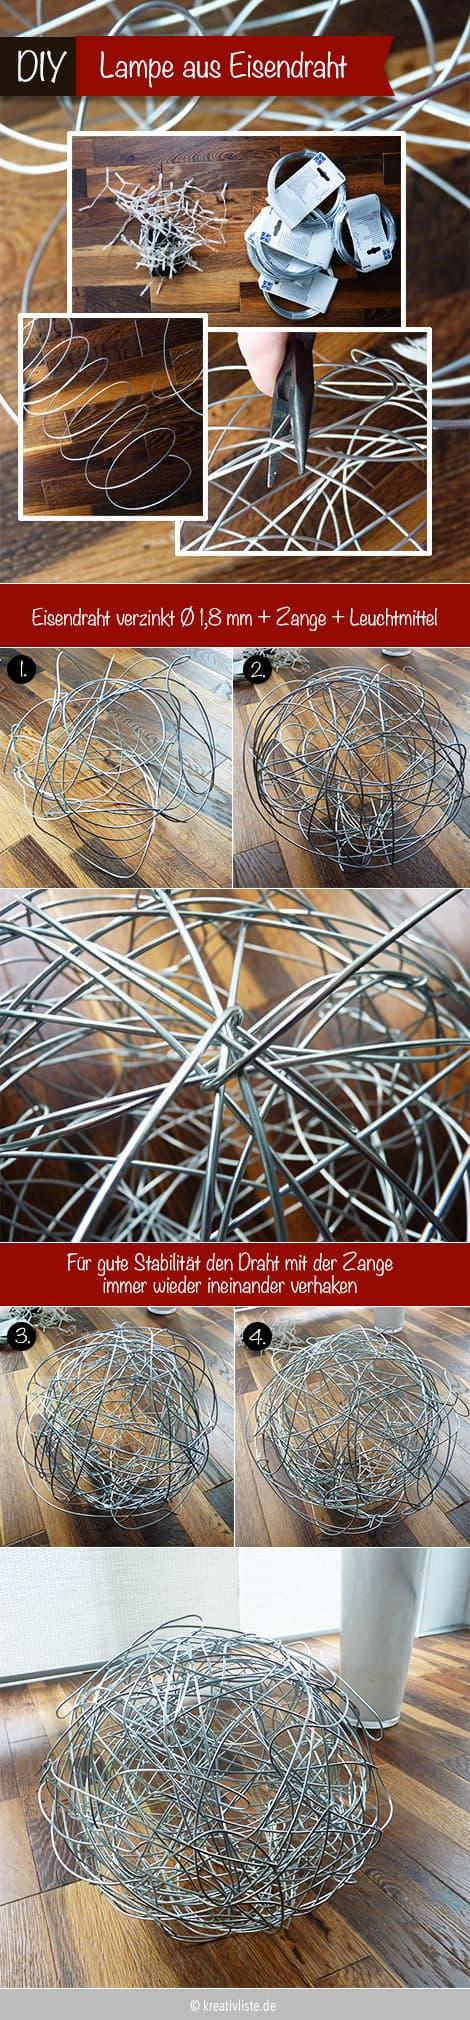 Lampe selber bauen aus Metalldraht, Papier oder Holz - DIY